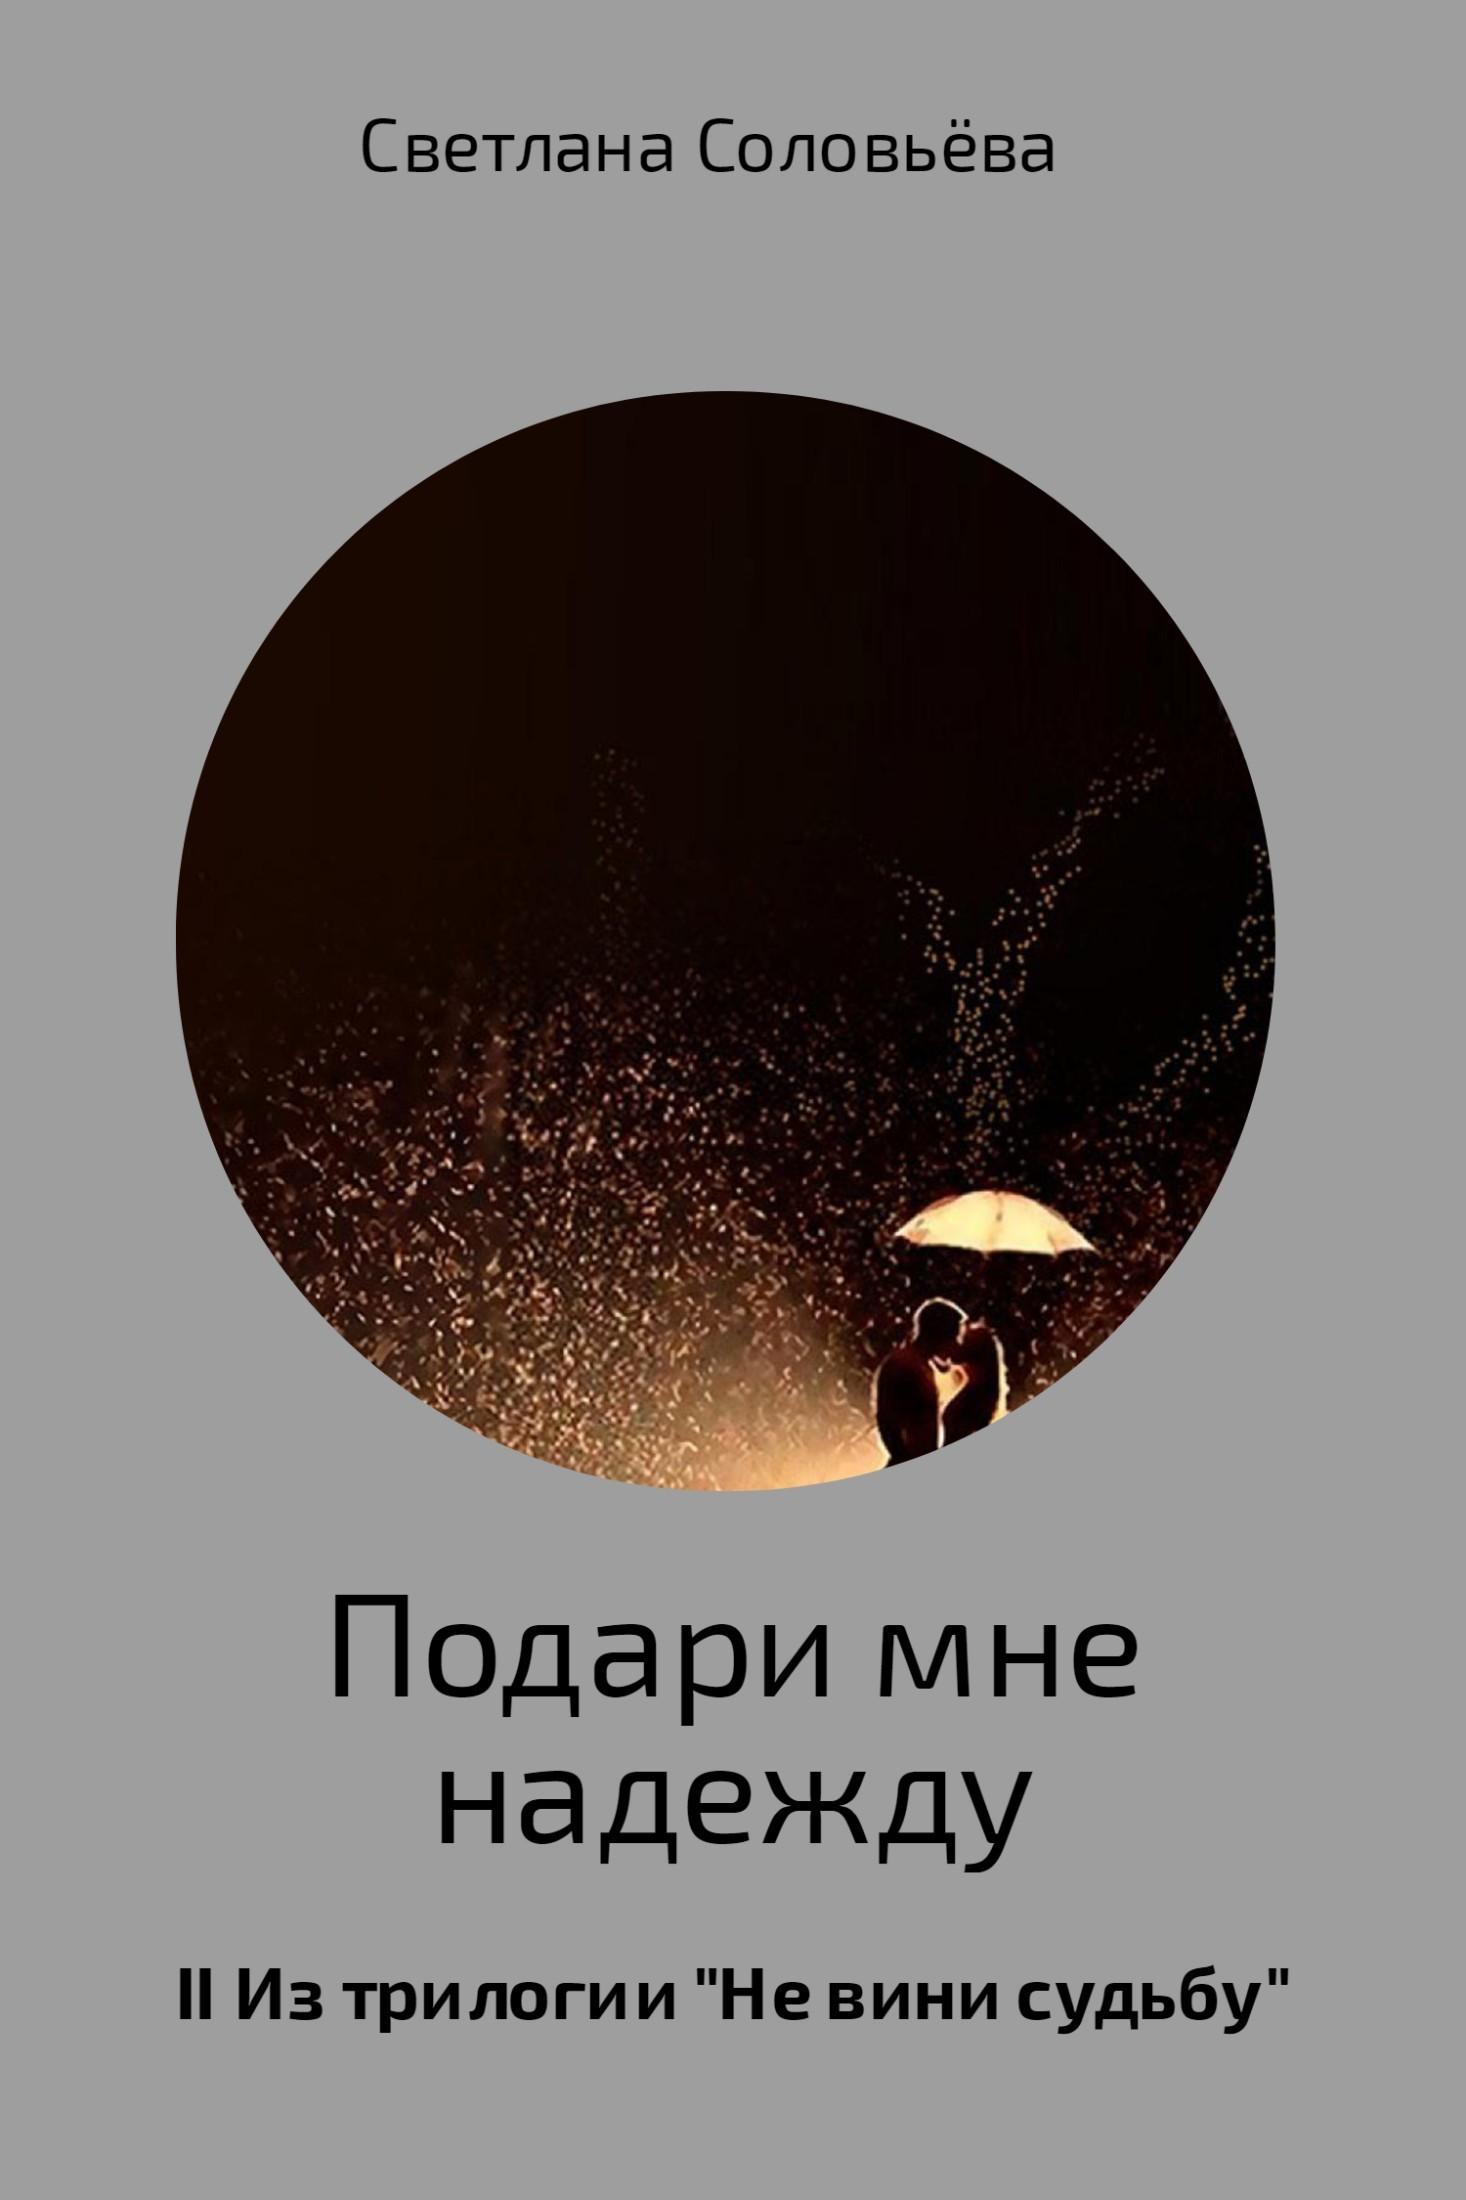 Светлана Соловьёва - Подари мне надежду